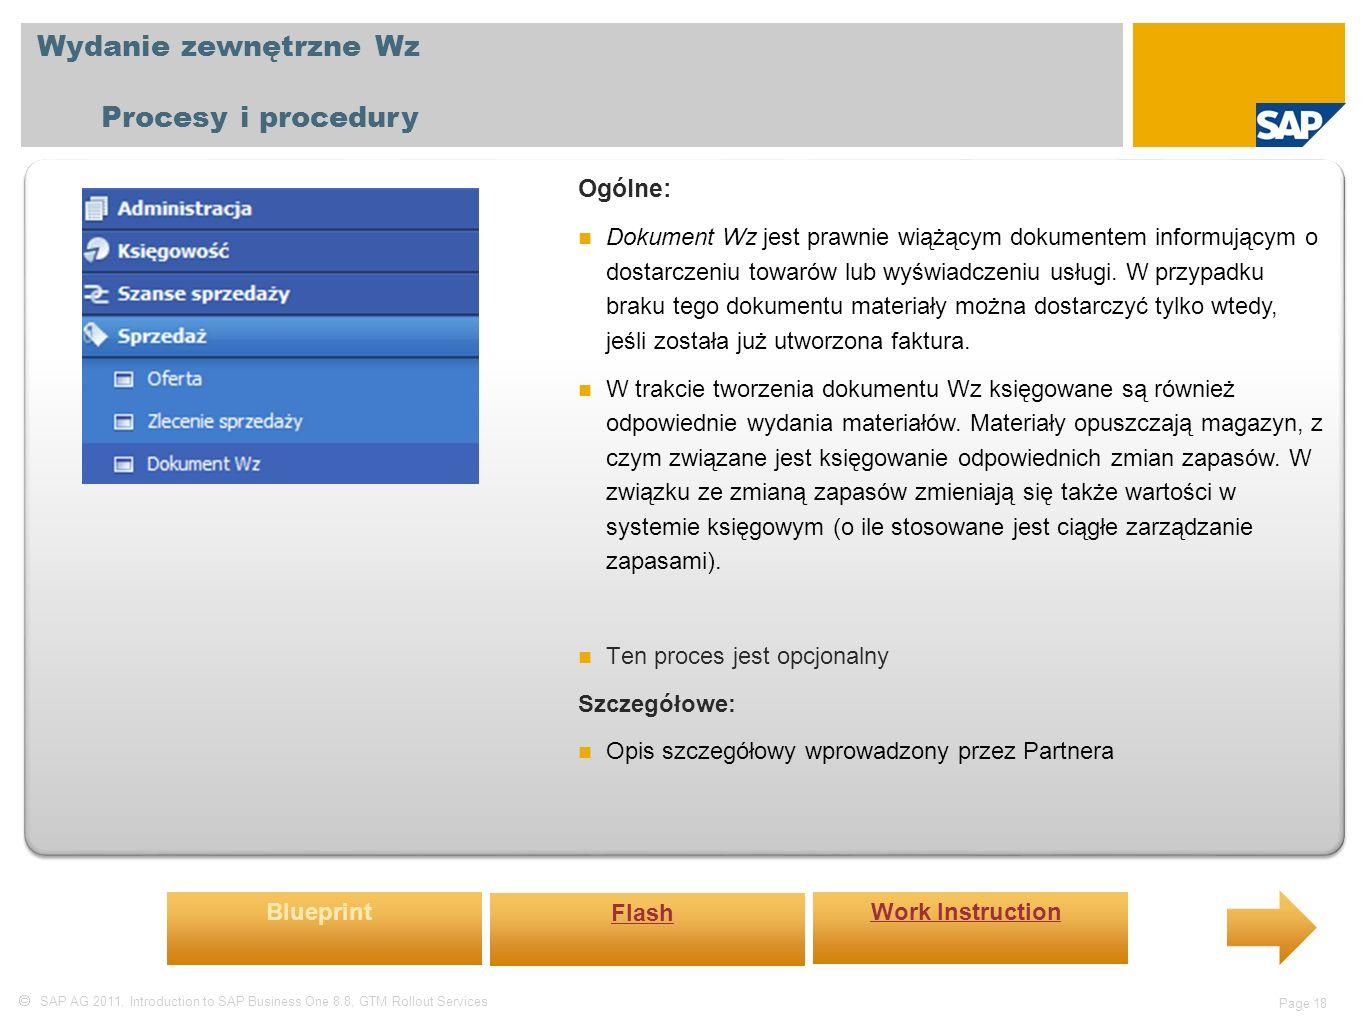  SAP AG 2011, Introduction to SAP Business One 8.8, GTM Rollout Services Page 18 Wydanie zewnętrzne Wz Procesy i procedury Ogólne: Dokument Wz jest prawnie wiążącym dokumentem informującym o dostarczeniu towarów lub wyświadczeniu usługi.